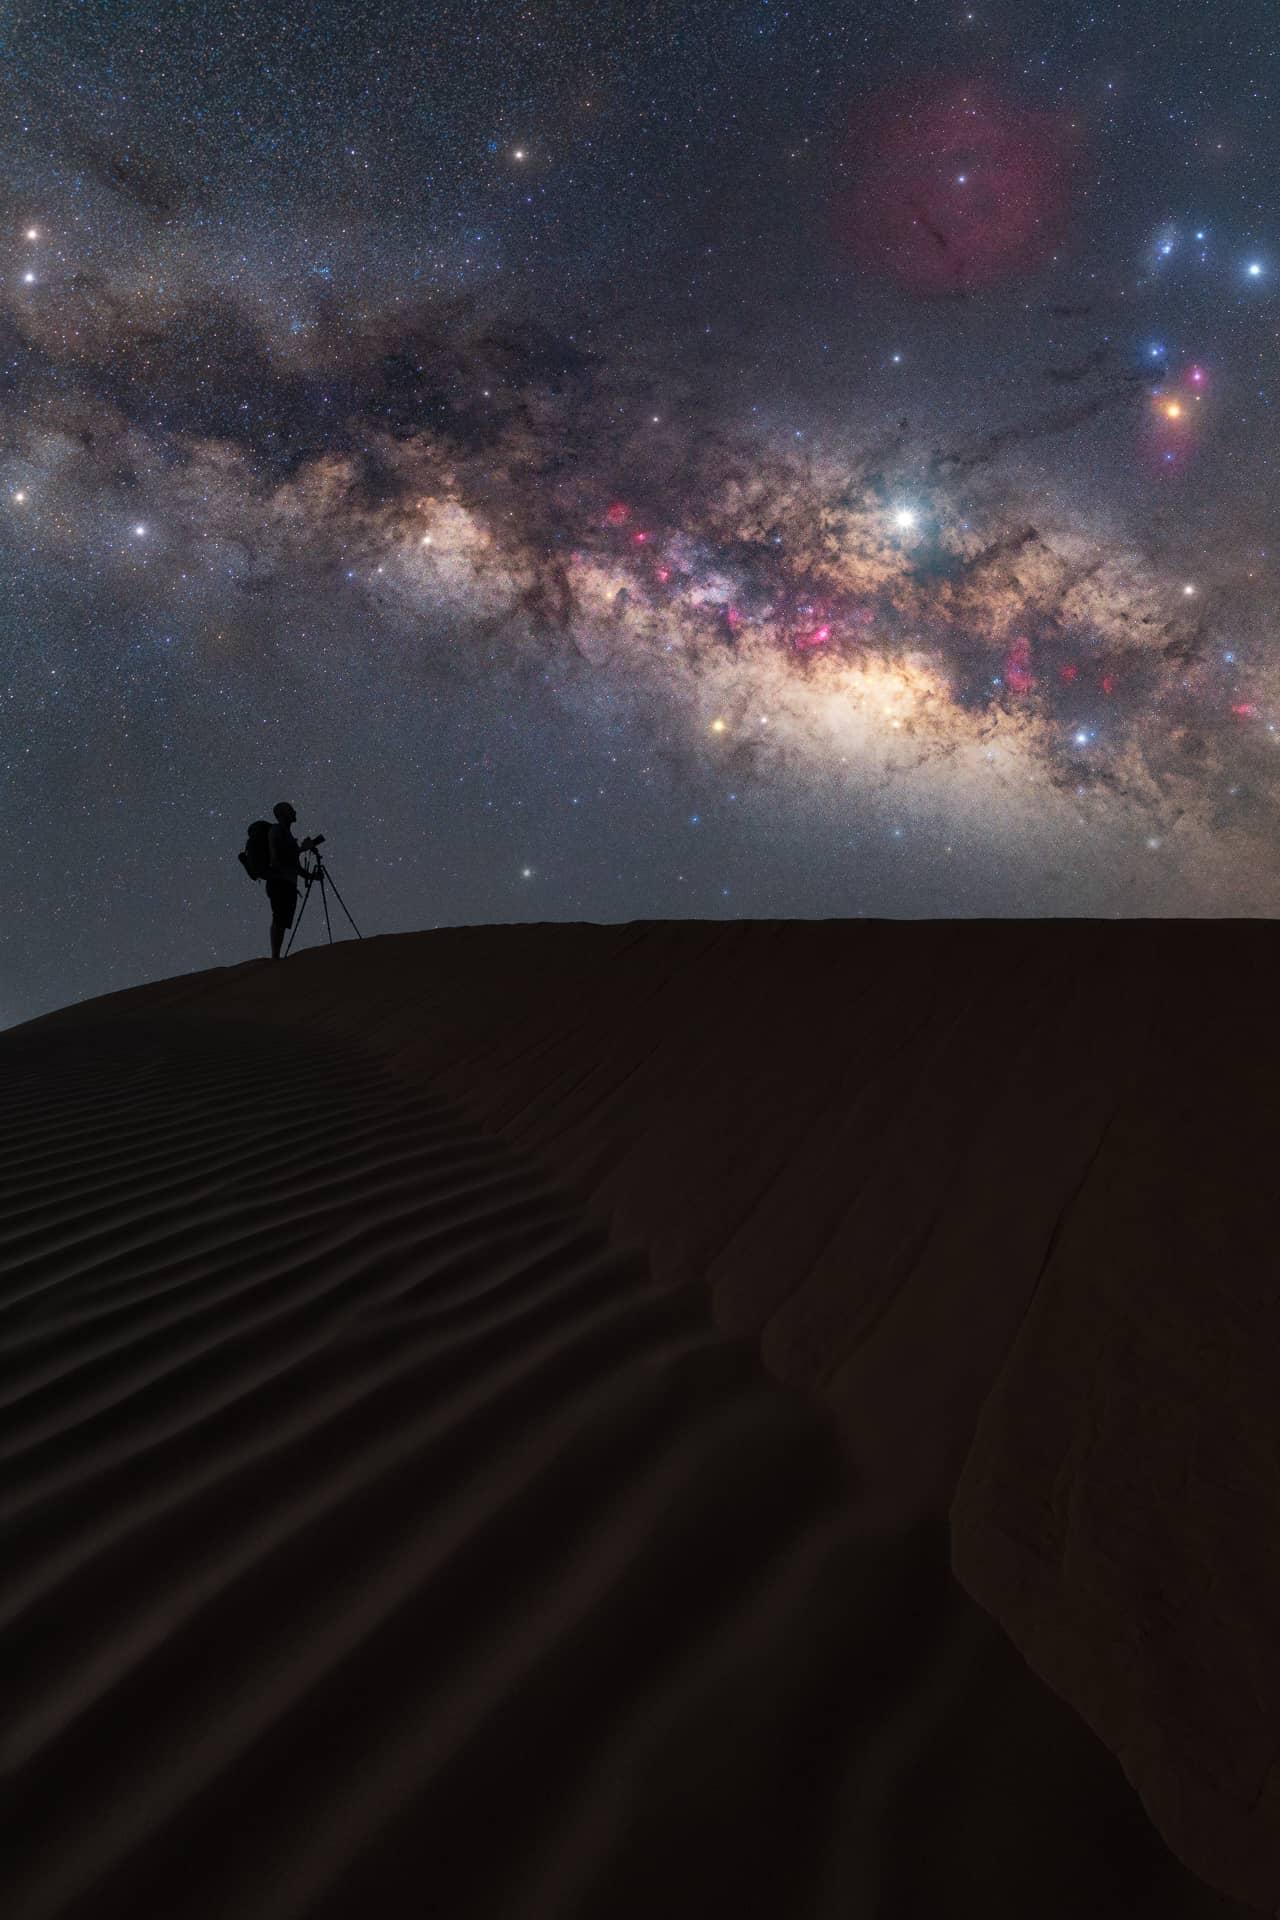 Mejores fotos de la Vía Láctea desierto del Sahara